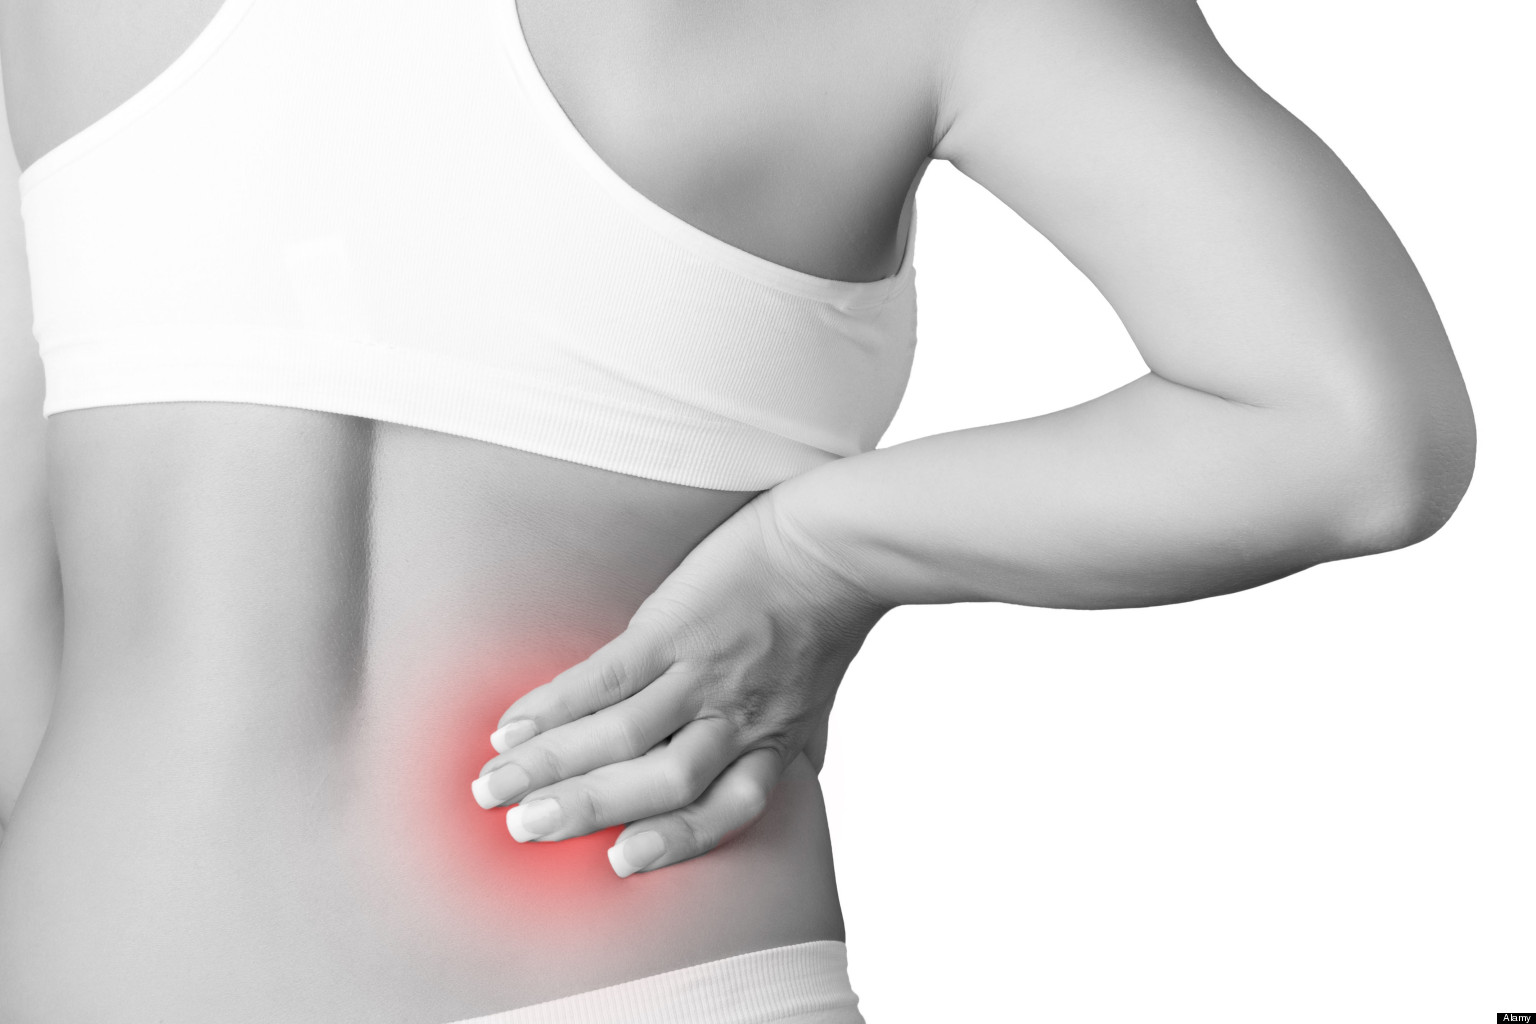 Comment détecter l'arthrose dorsale?